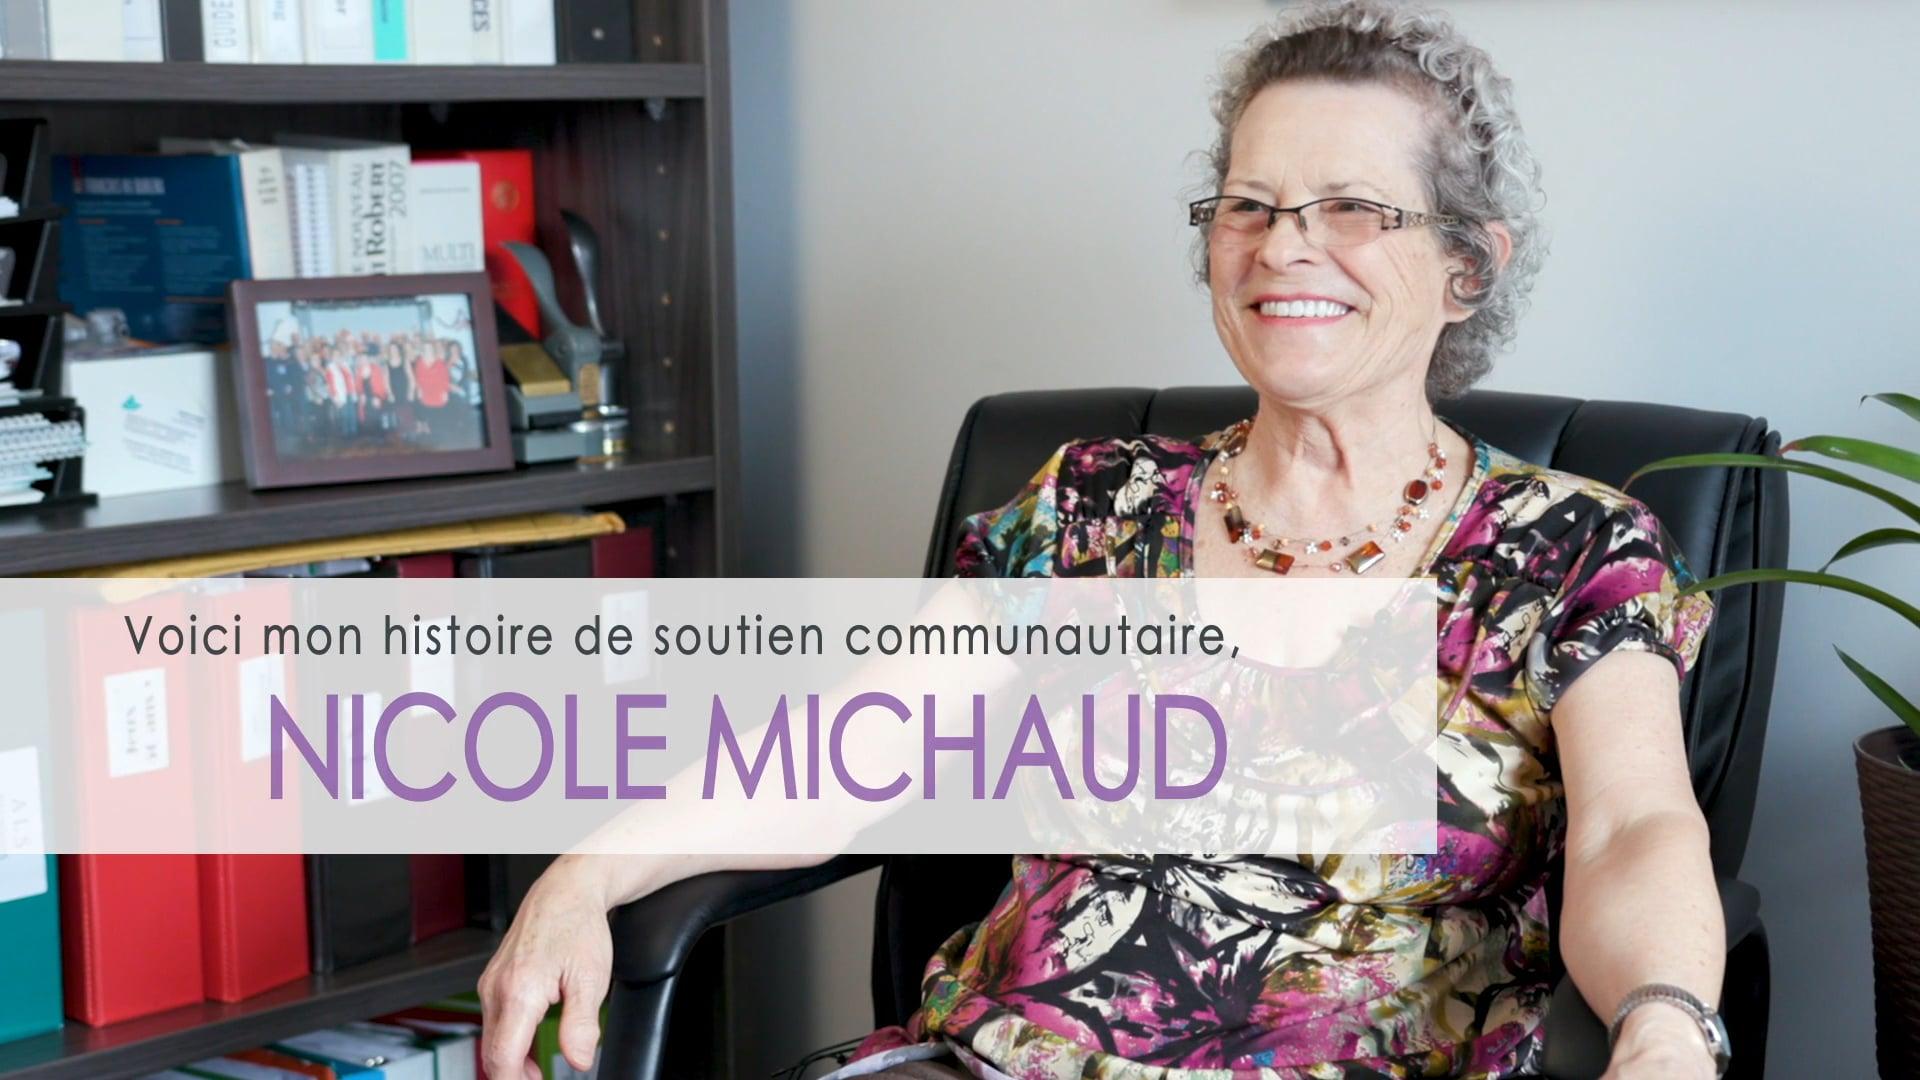 L'histoire de Nicole